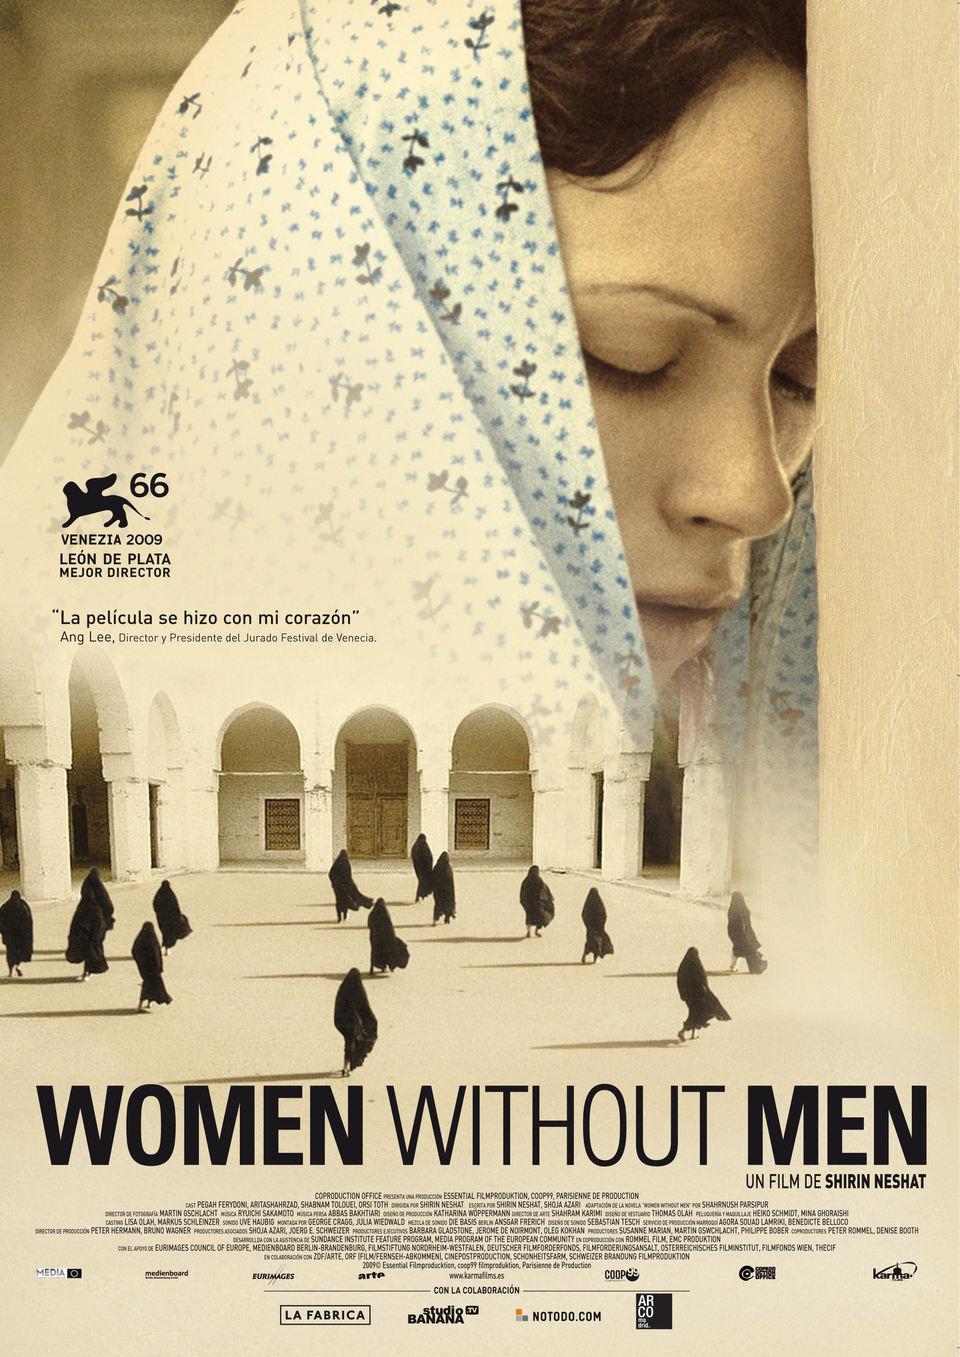 دانلود رایگان فیلم زنان بدون مردان